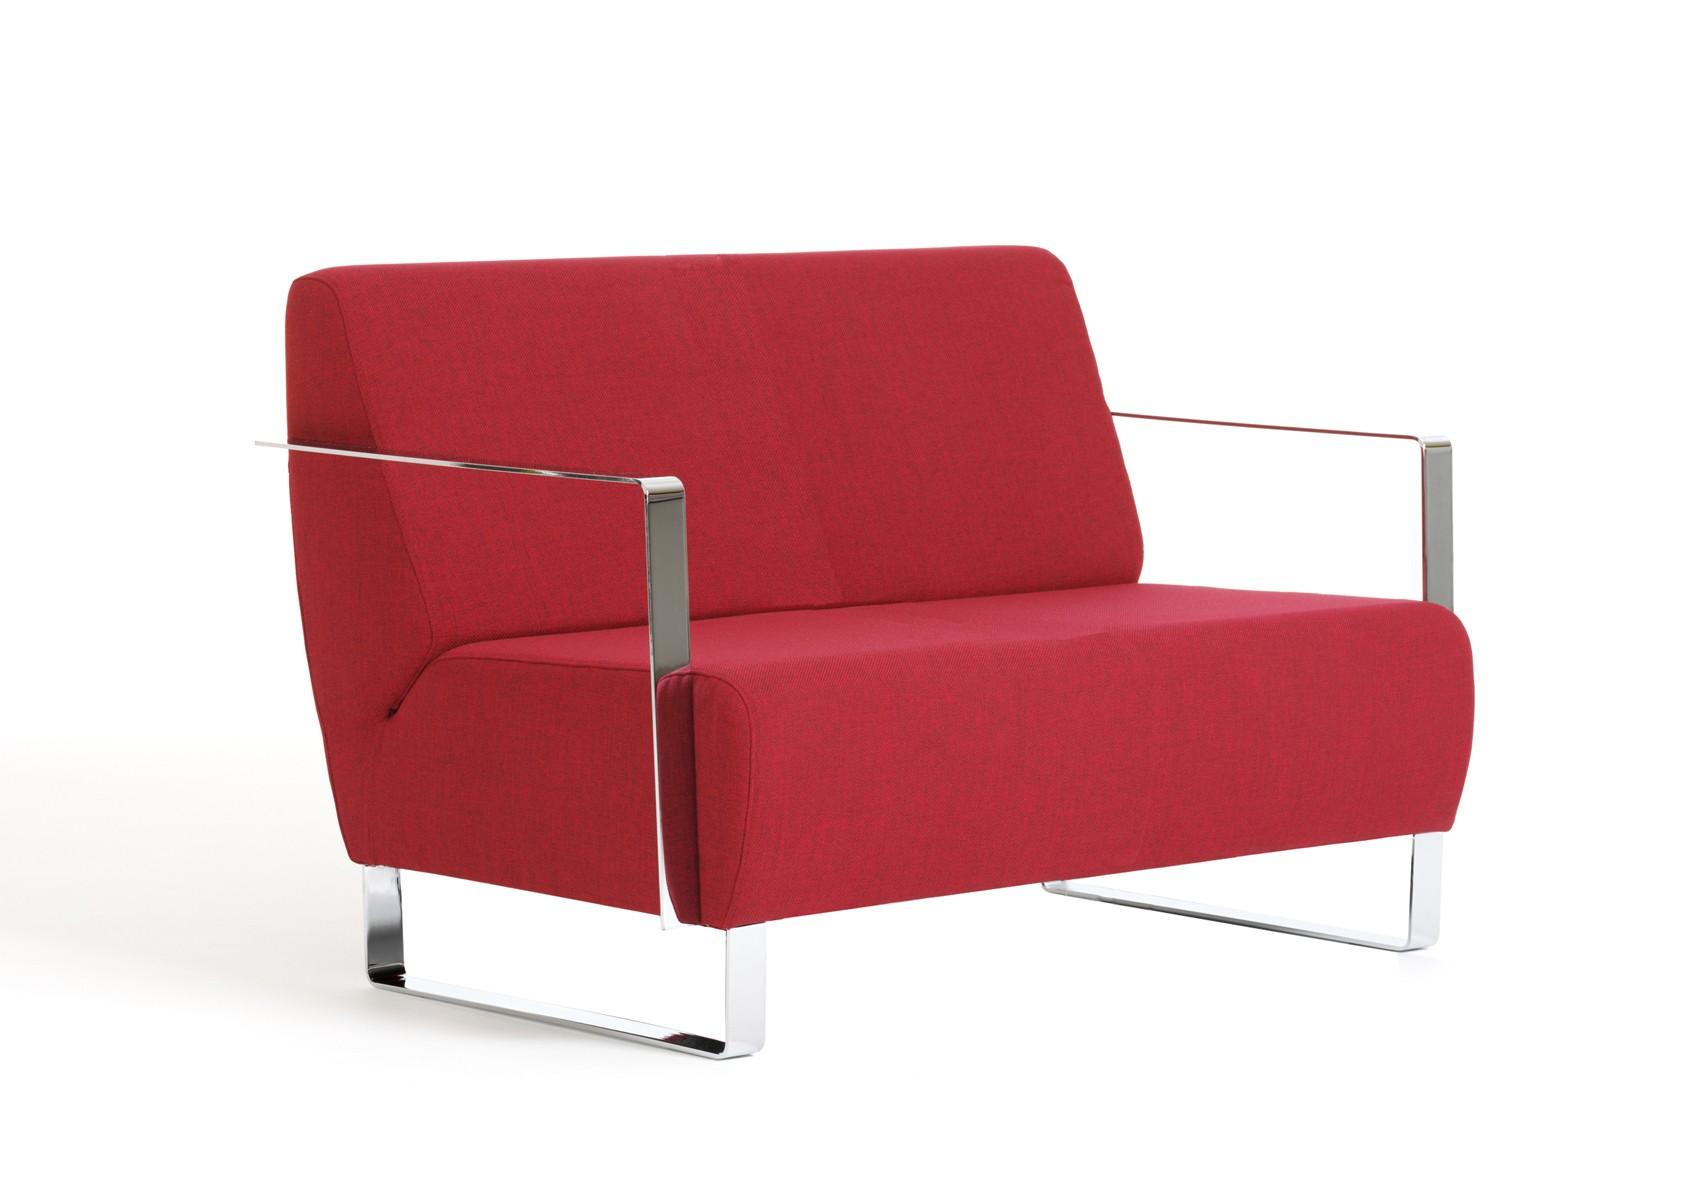 Canap tempi 2 et 3 places achat fauteuils d 39 accueil - Canape et pouf assorti ...